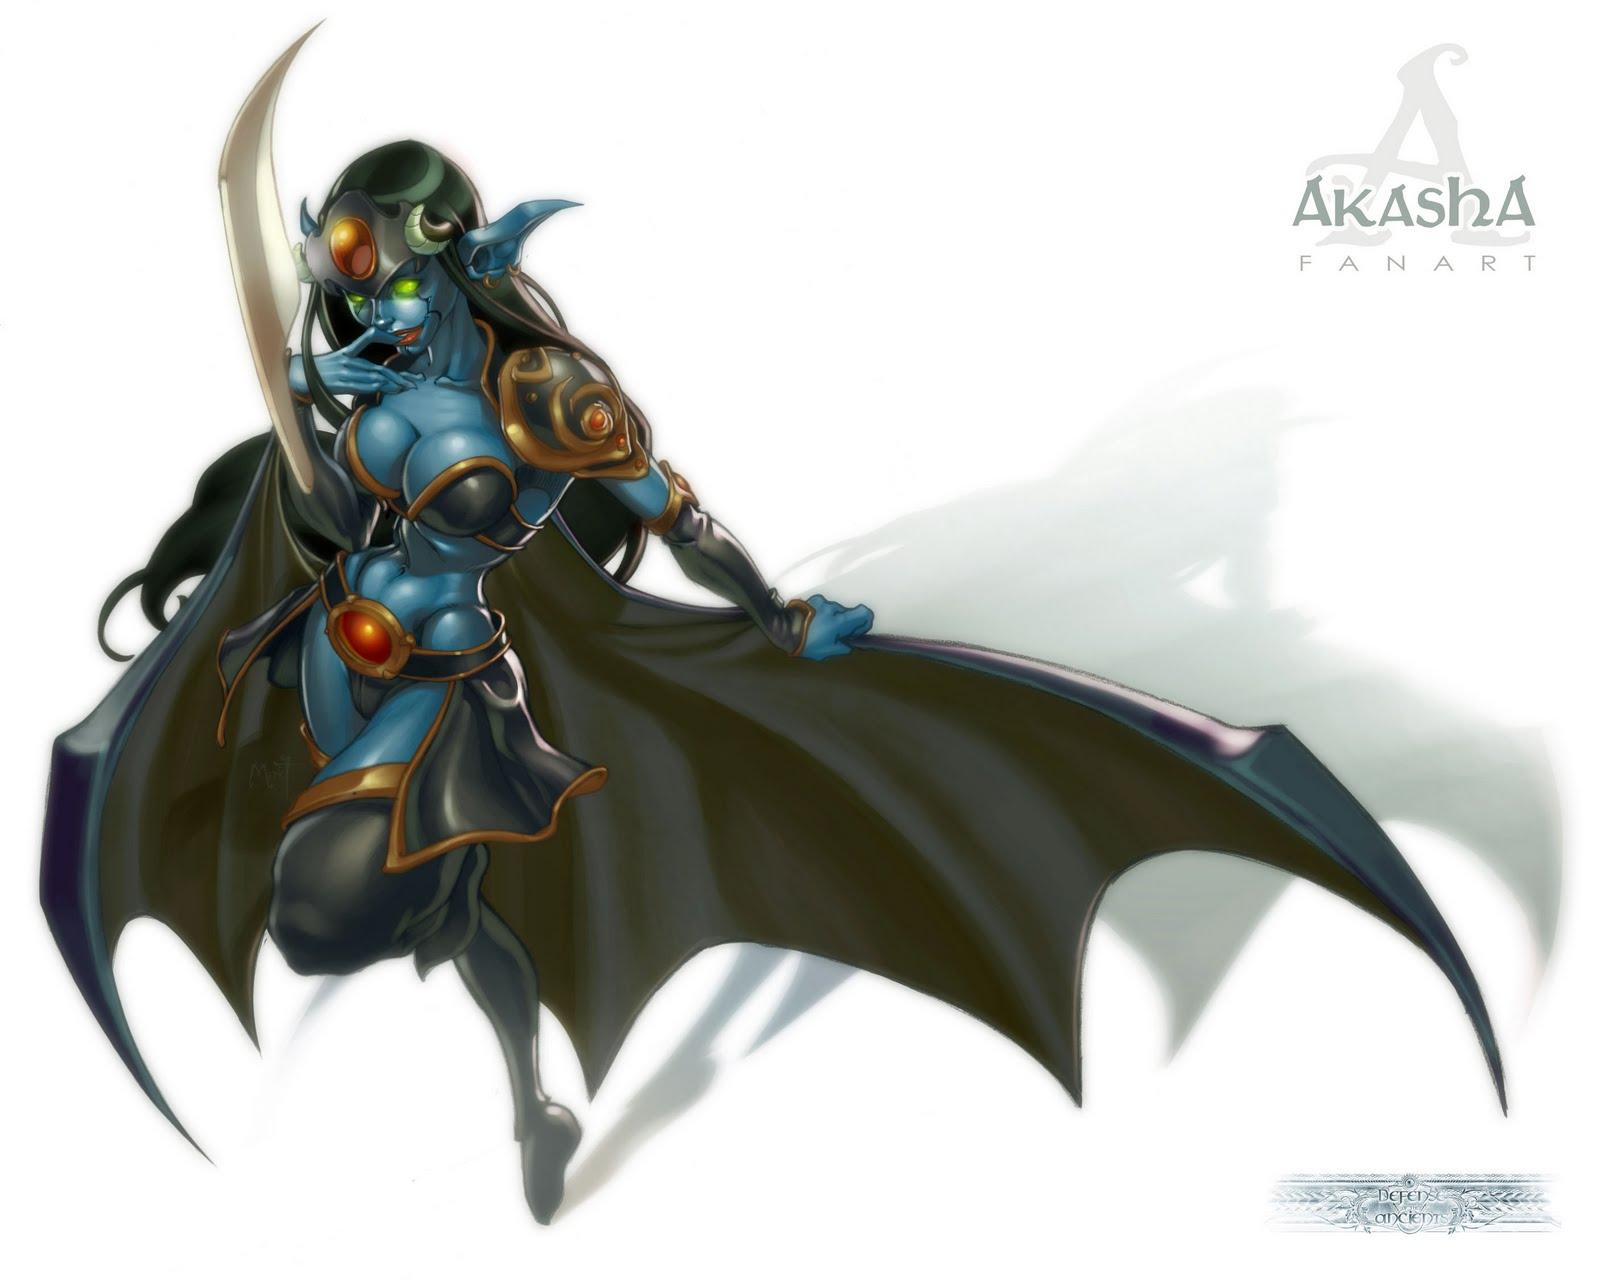 http://2.bp.blogspot.com/-rzqj3Pruut4/TkaEjIYq7cI/AAAAAAAAAW4/641RtOEAnN8/s1600/DOTA+Hero+Wallpaper+Image+%25286%2529.jpg